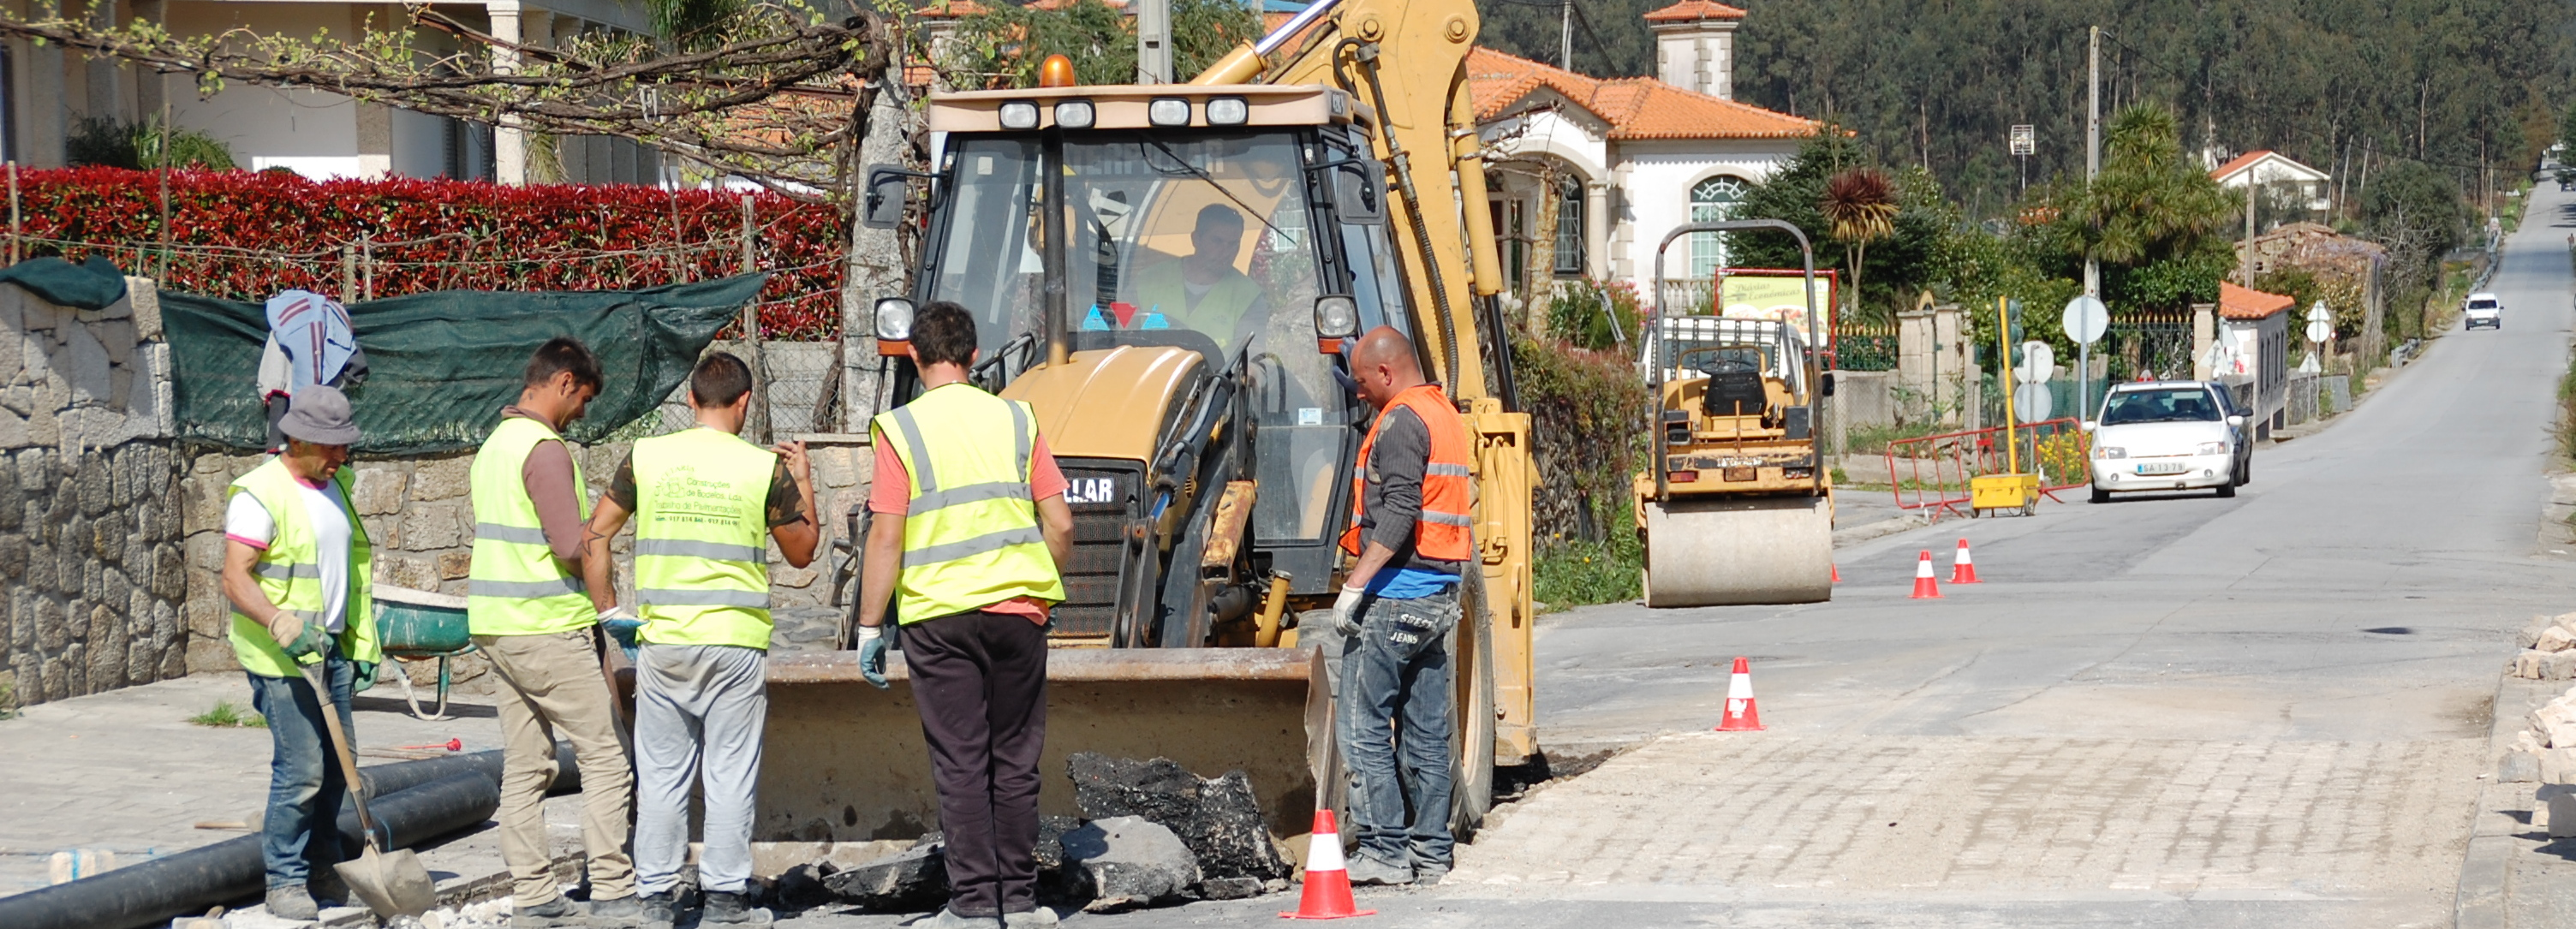 Roriz melhora segurança na via principal da Freguesia e lança obra de pavimentação de caminho em Quiraz